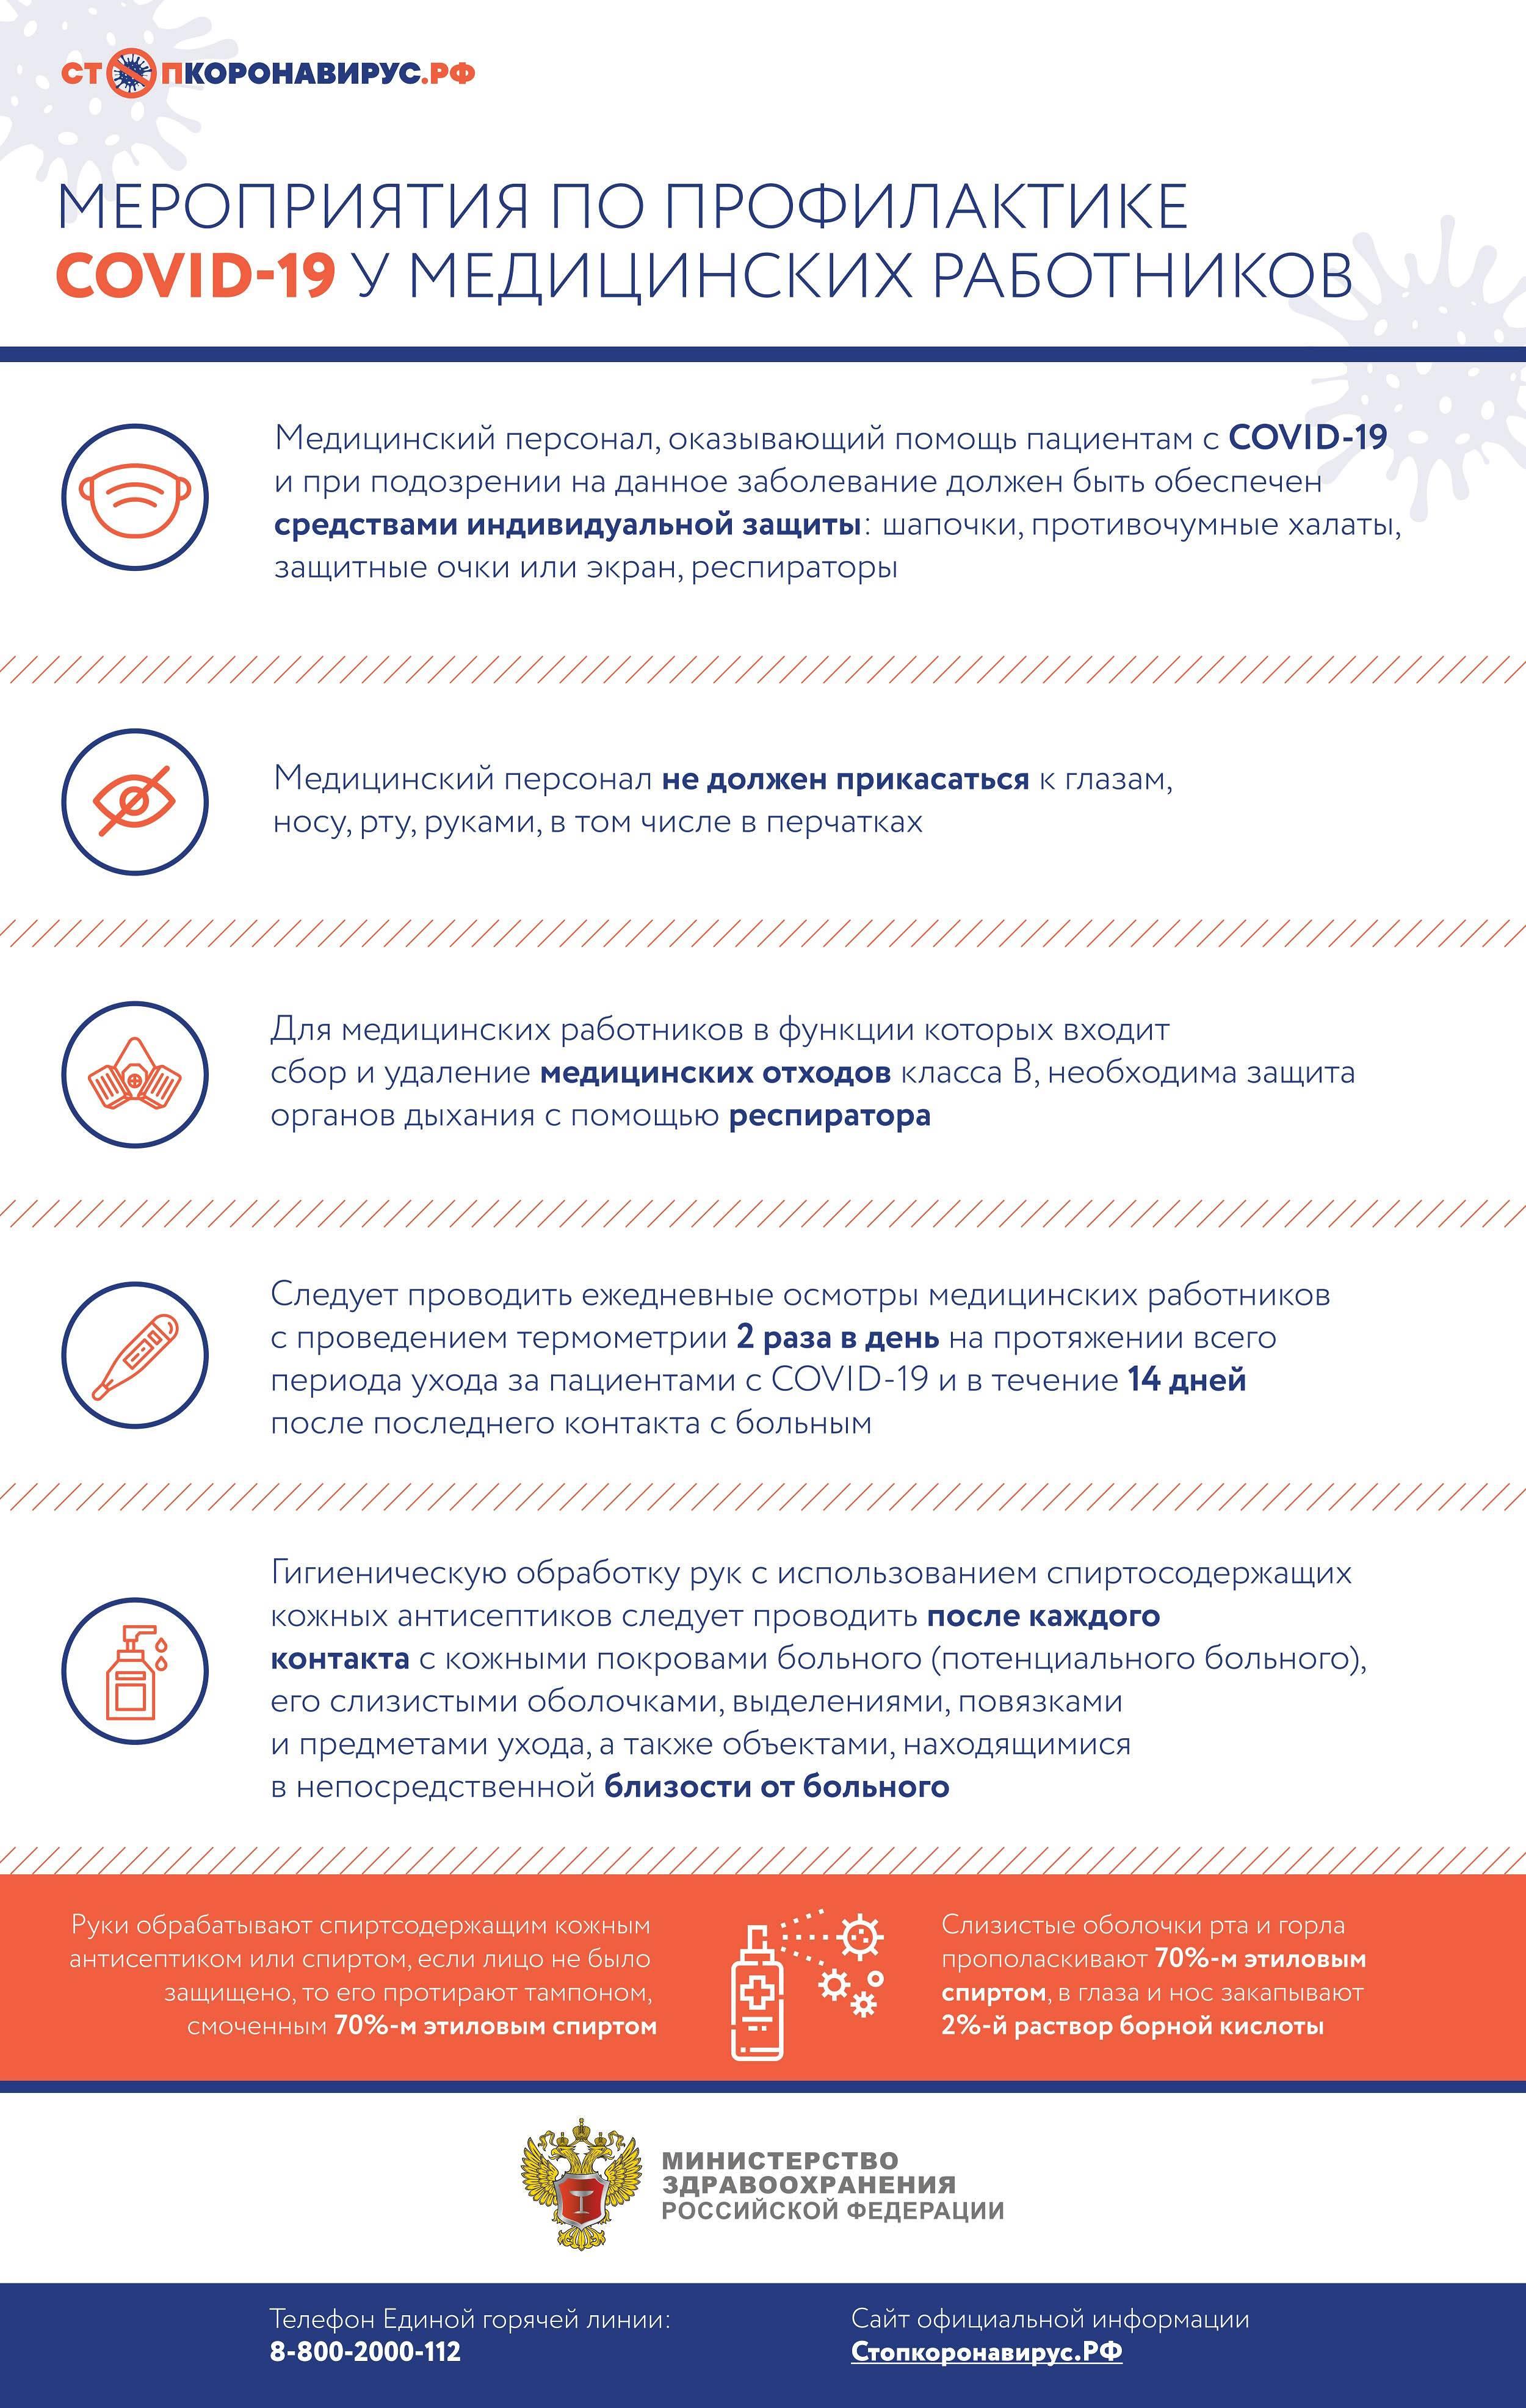 Исследование клеща на возбудителей 4-х инфекций: клещевой энцефалит, боррелиоз, анаплазмоз, эрлихиоз